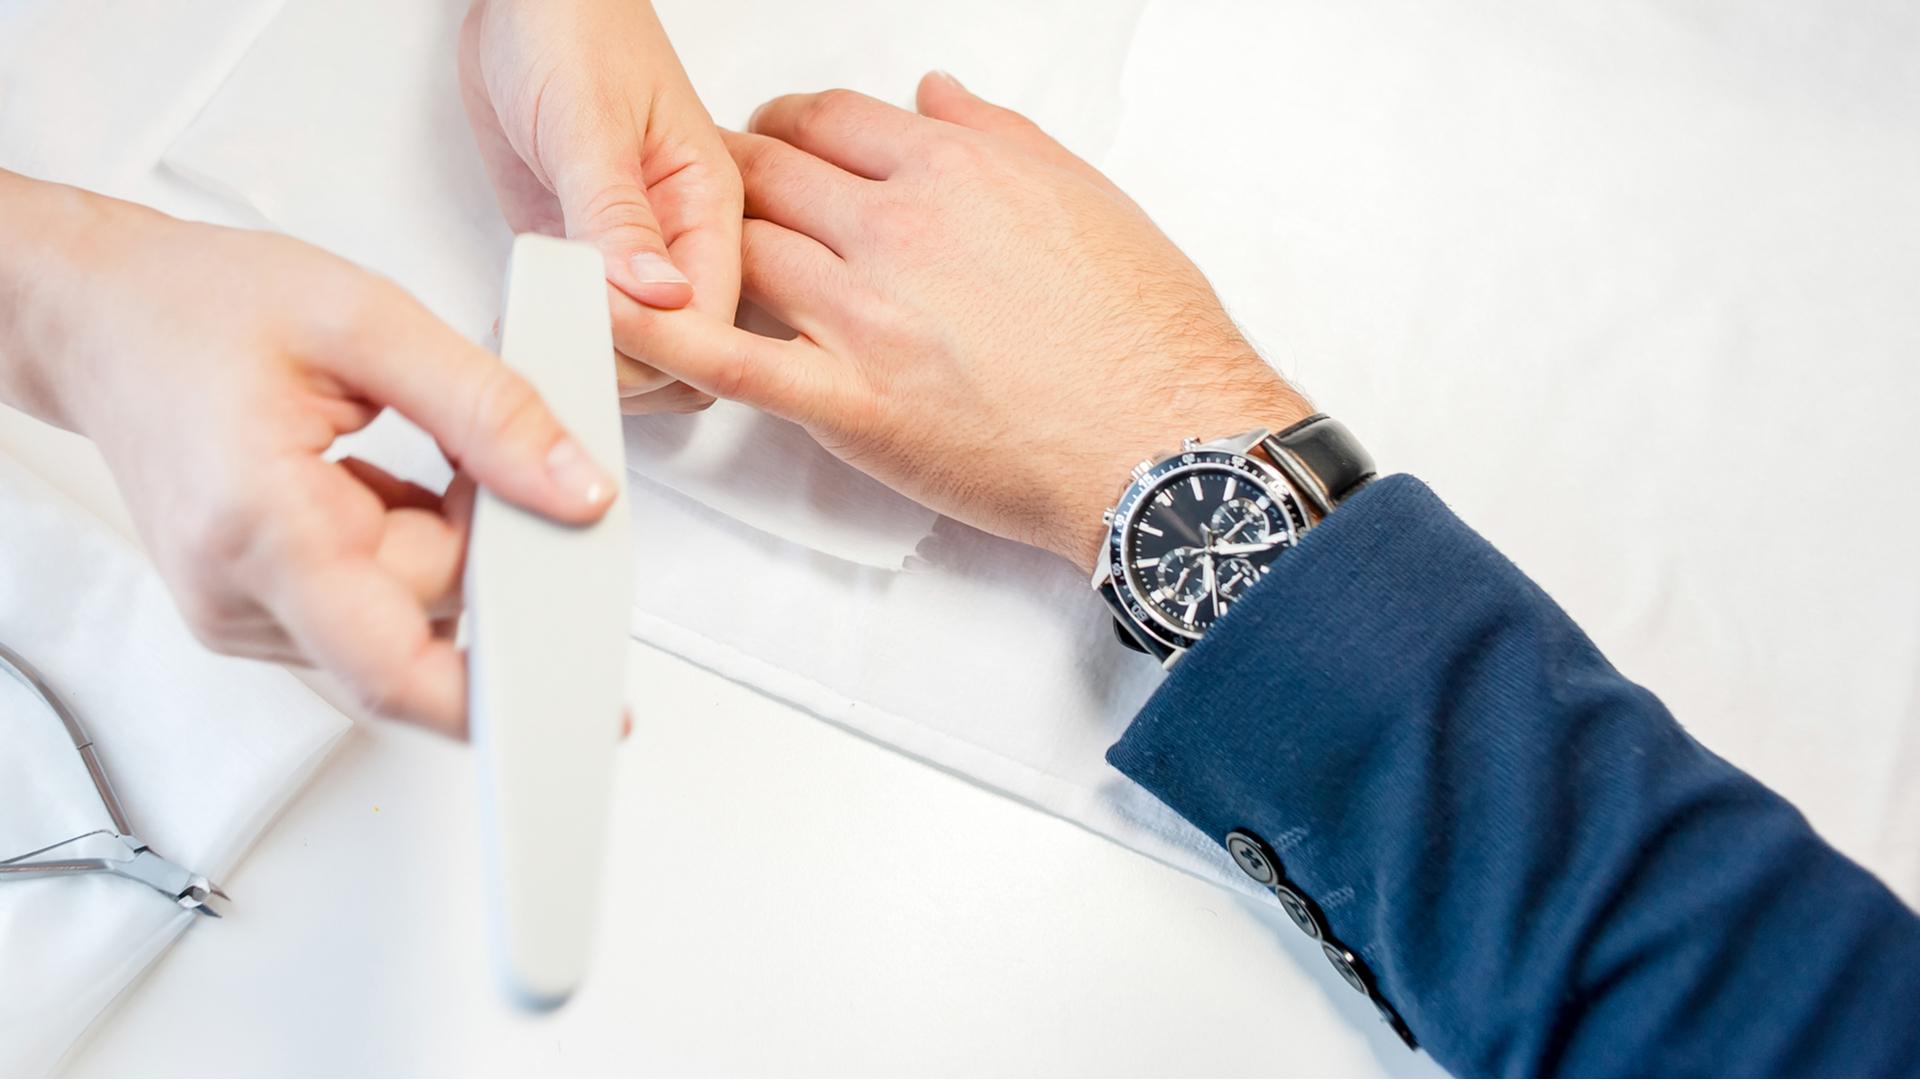 homens também precisam de manicure